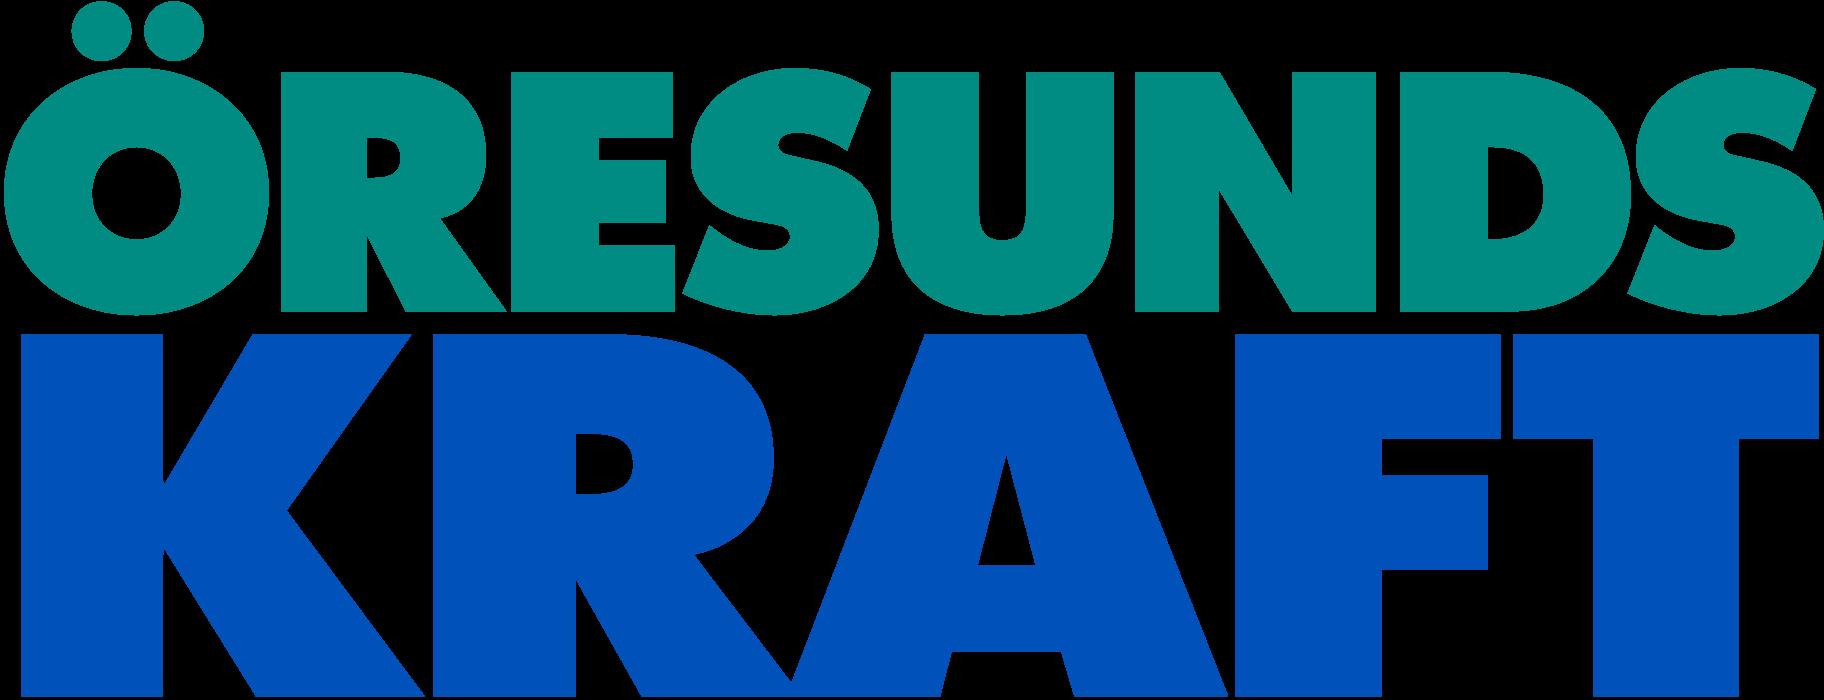 Öresundskraft logotyp